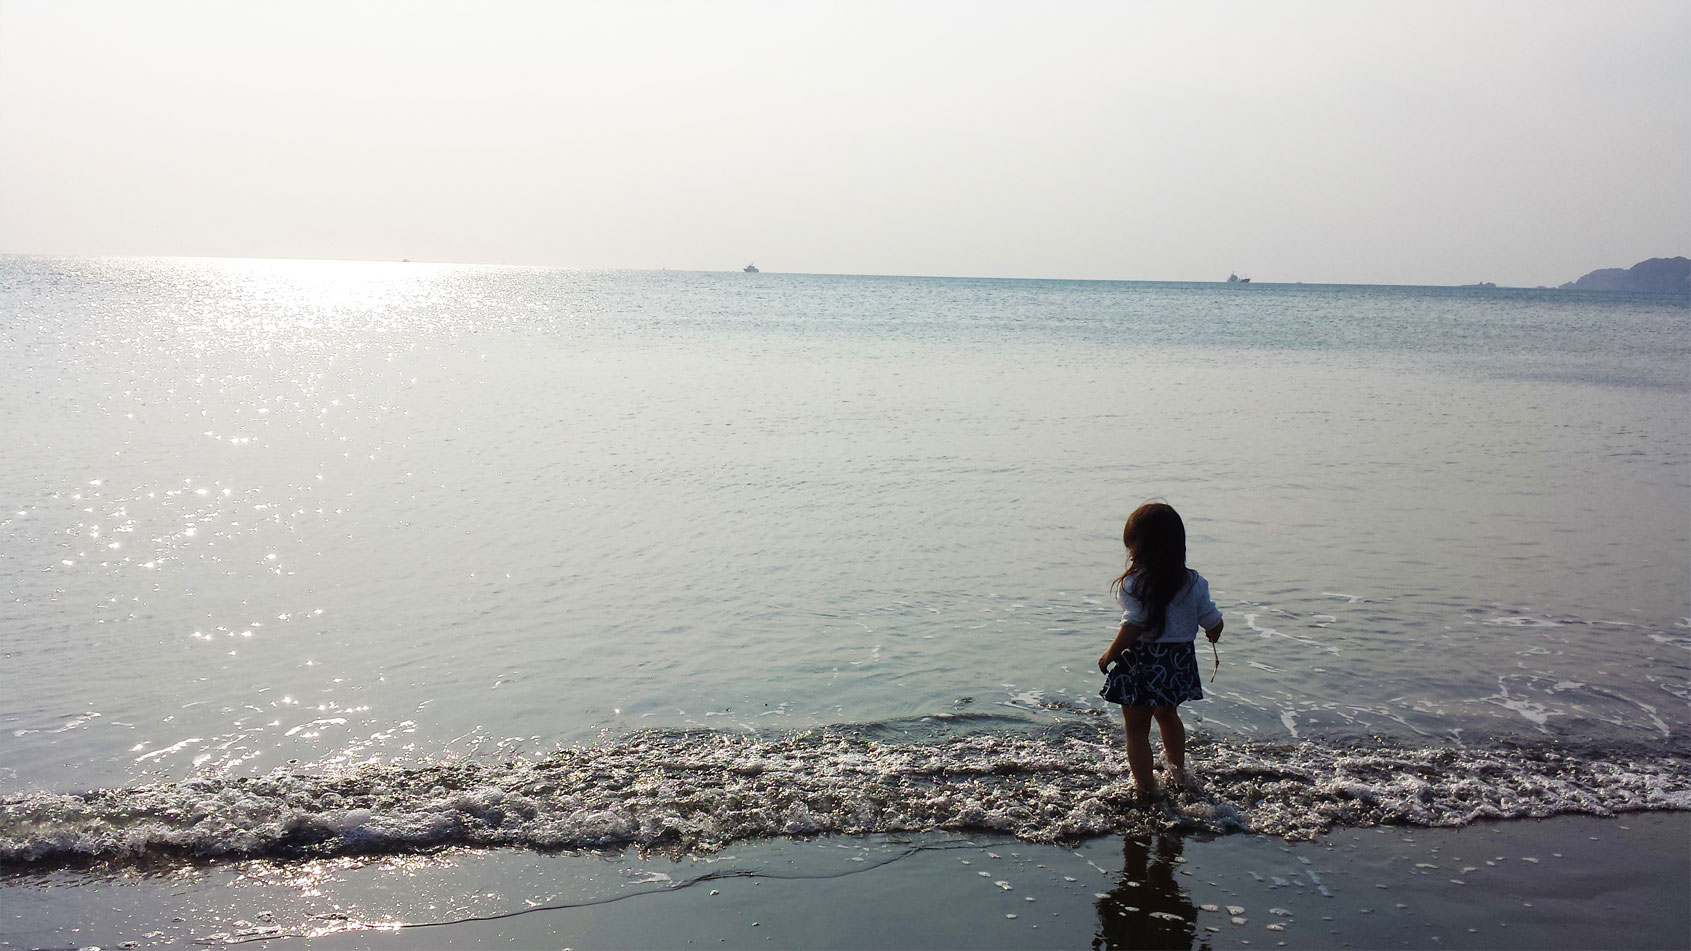 館山旅行! 初めての海(*´∇`*)_d0224894_21292632.jpg